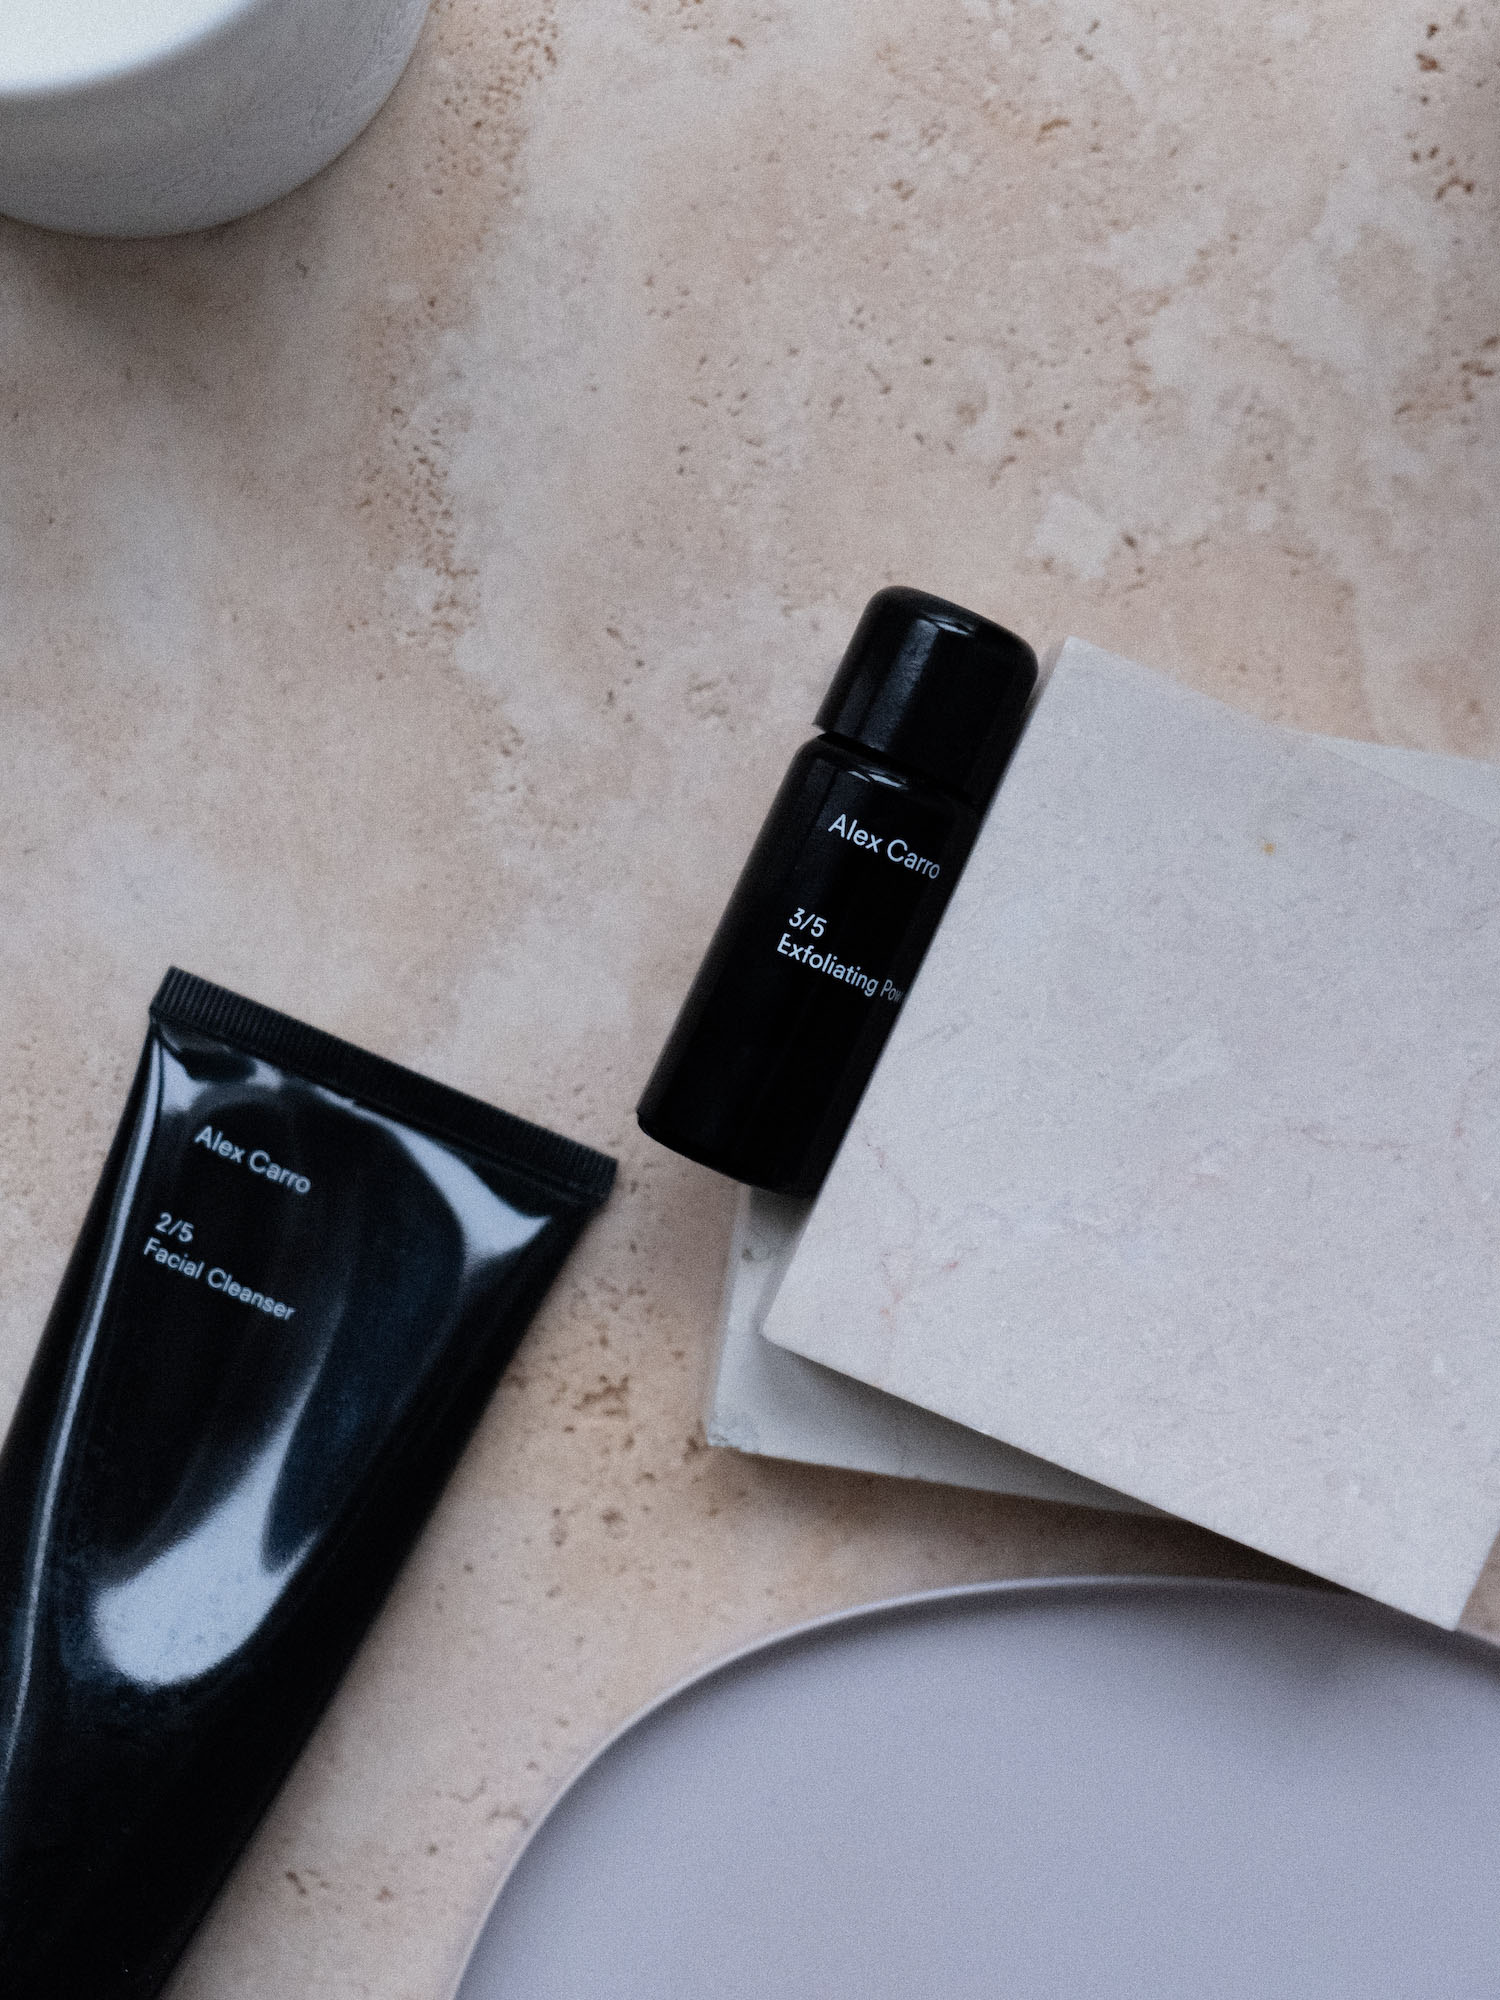 Beautyblog Review Alex Carro Exfoliating Powder